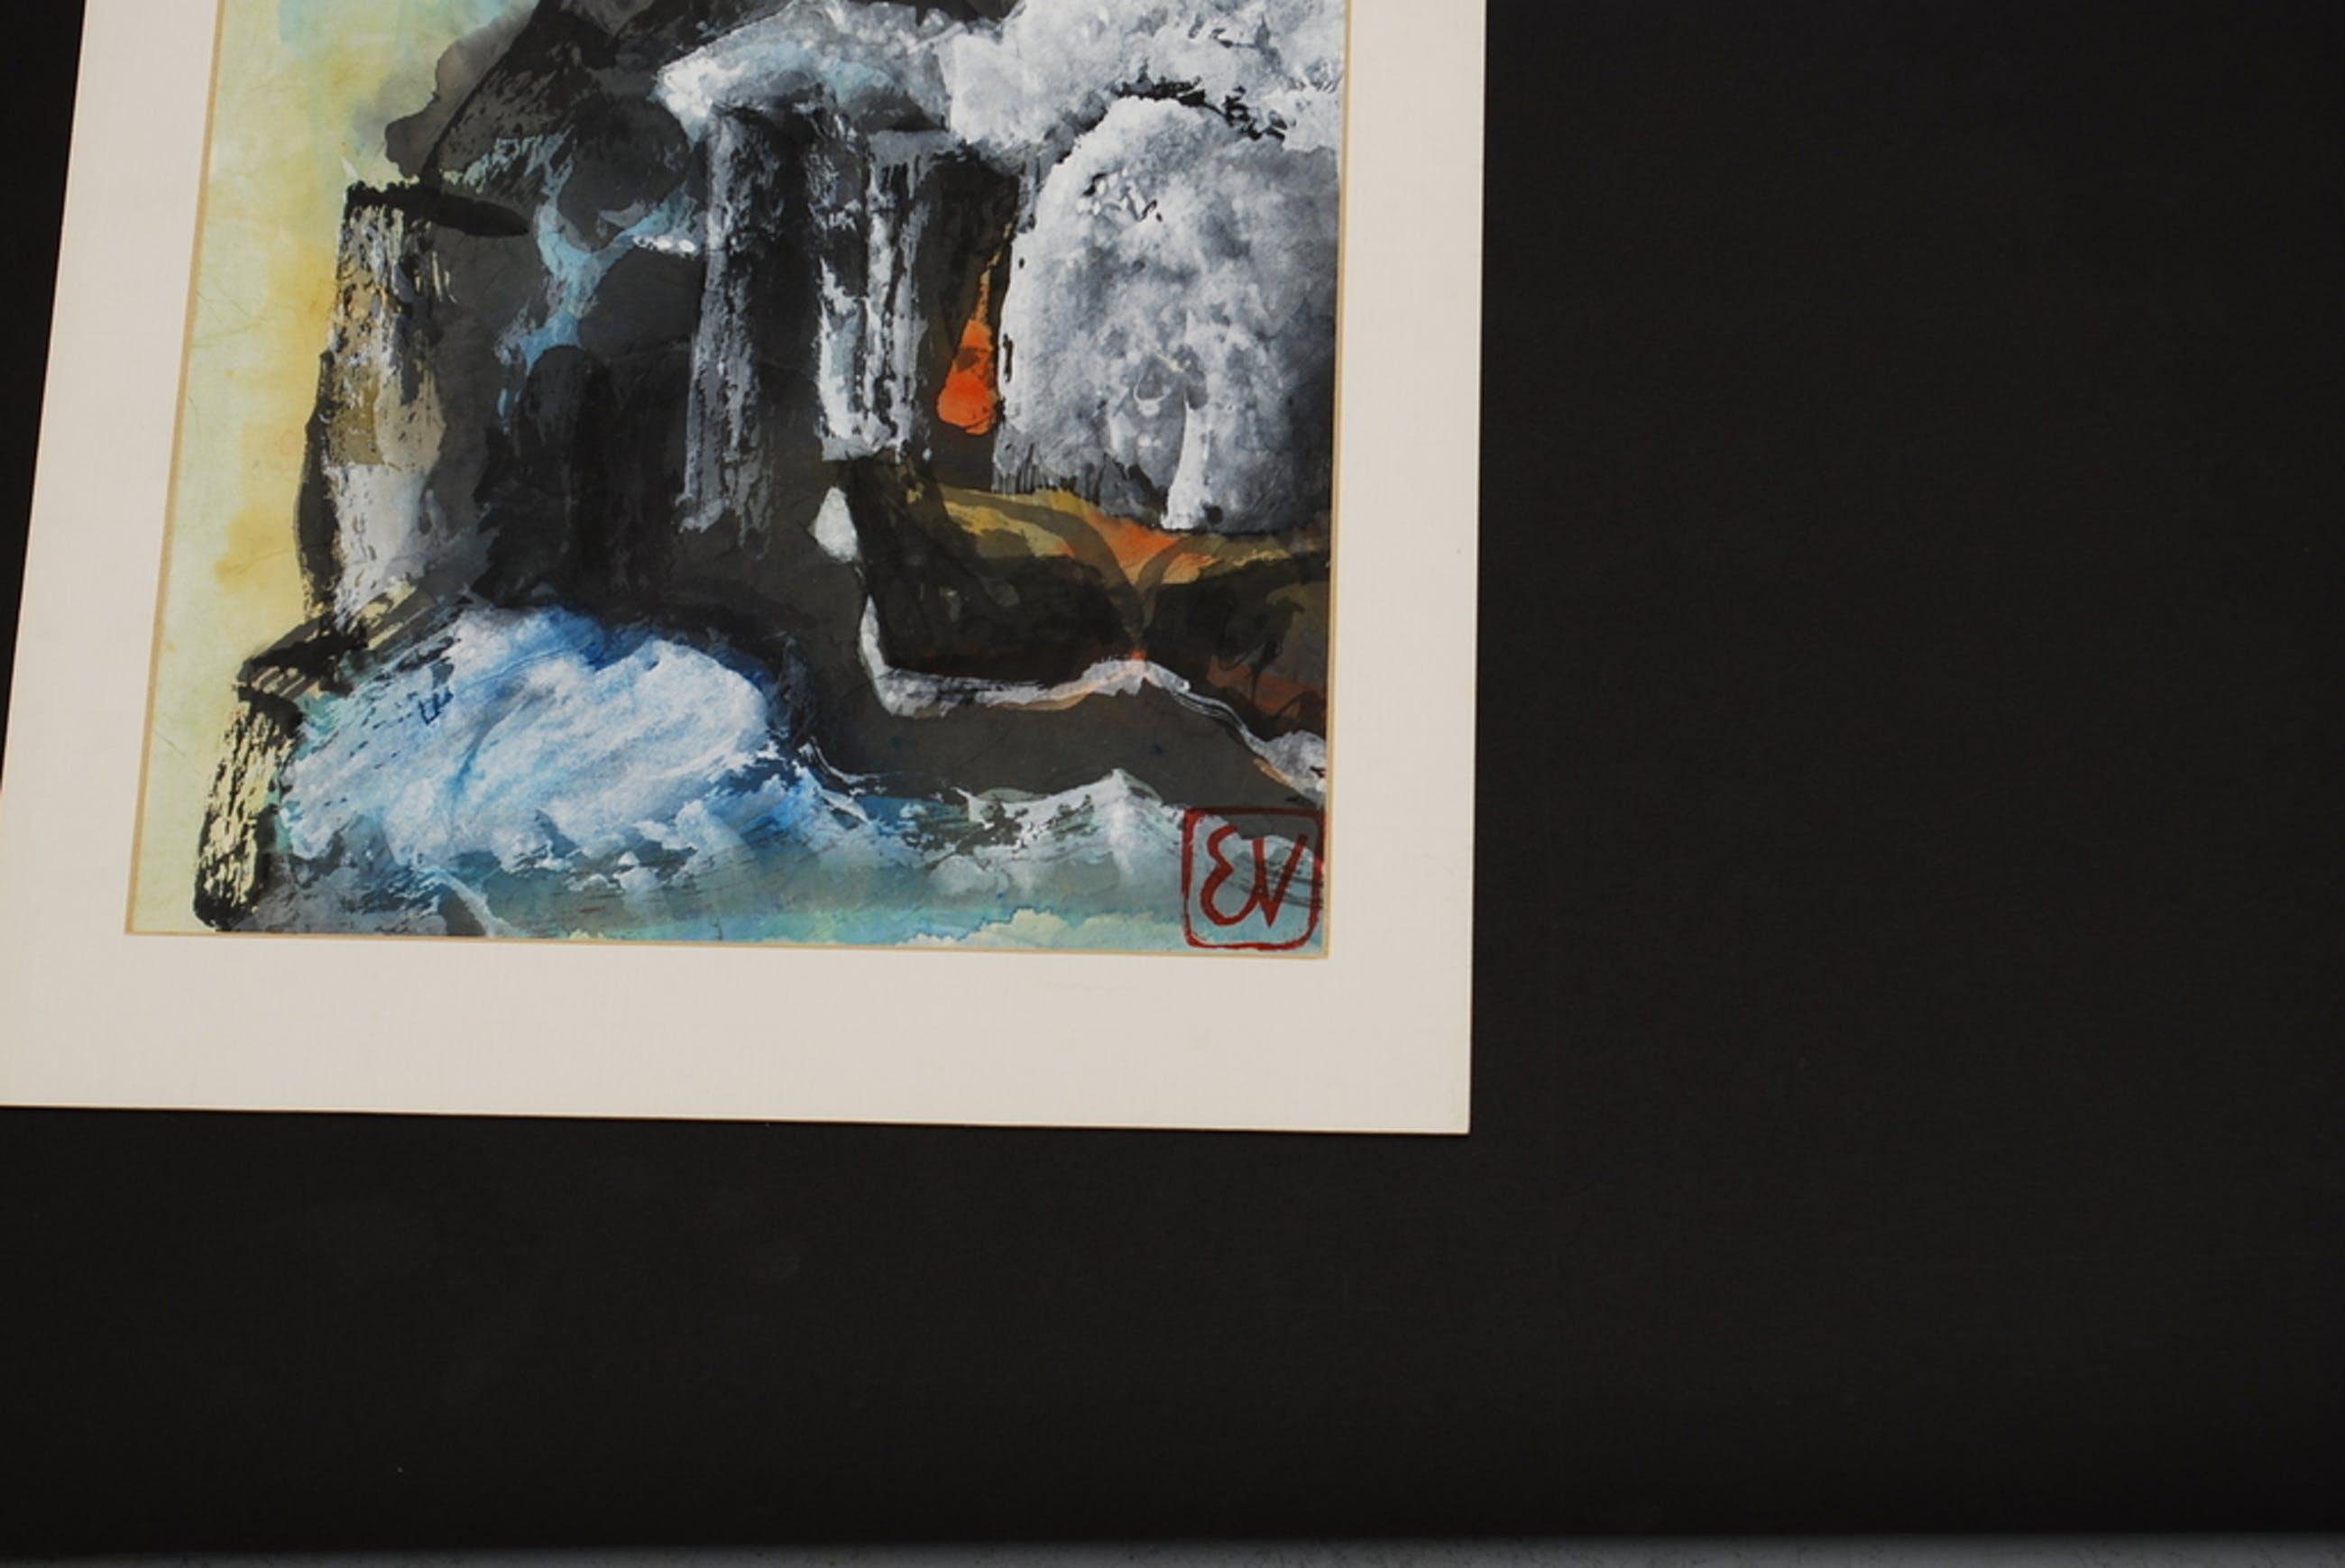 ERNST VIJLBRIEF (1934-2010) aquarel op rijstpapier kopen? Bied vanaf 1!